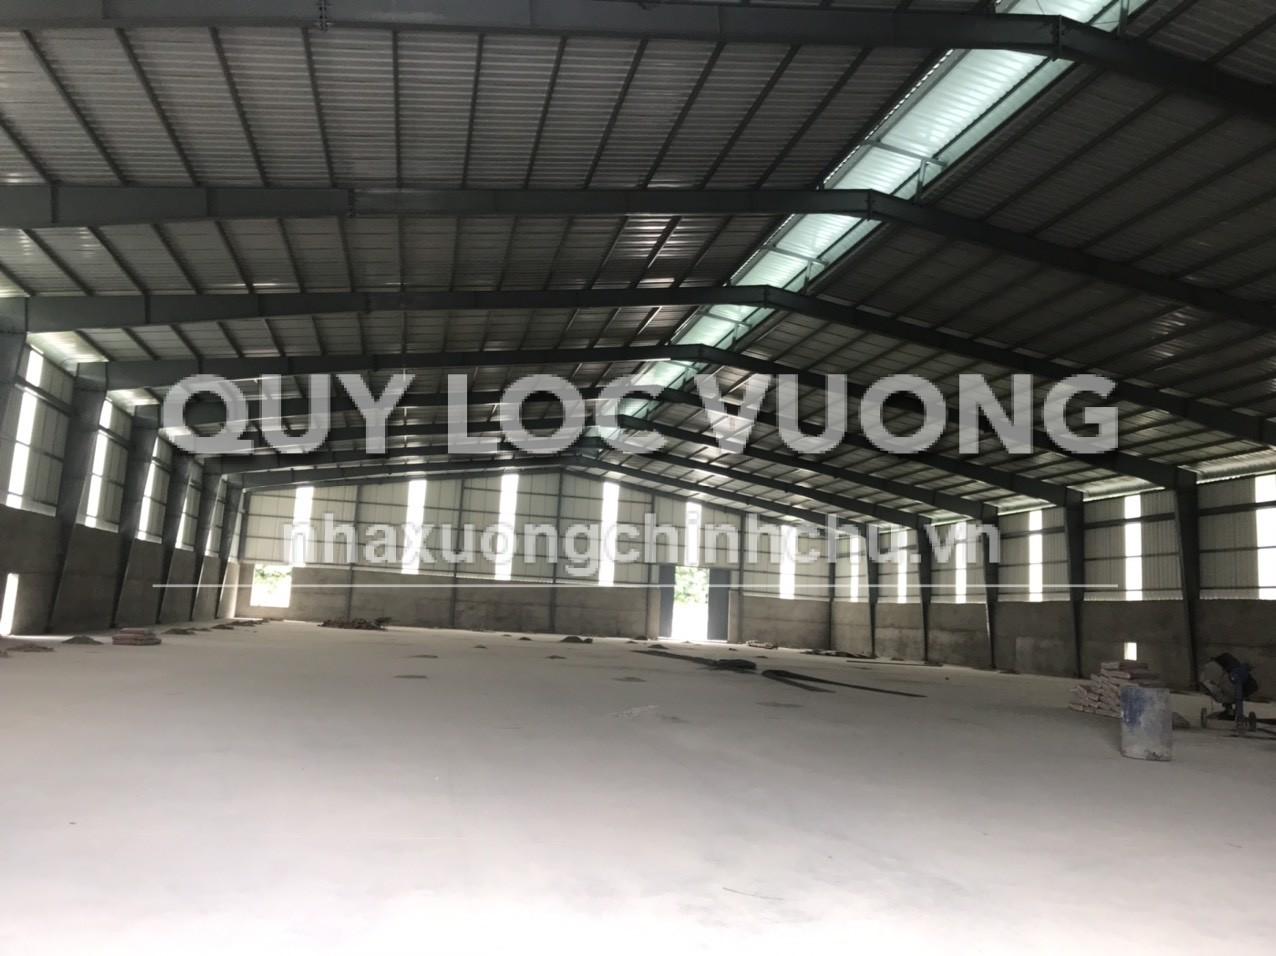 Cho thuê nhà xưởng khuôn viên 10.000m2 ở xã Tân Hiệp Tân Uyên, Bình Dương